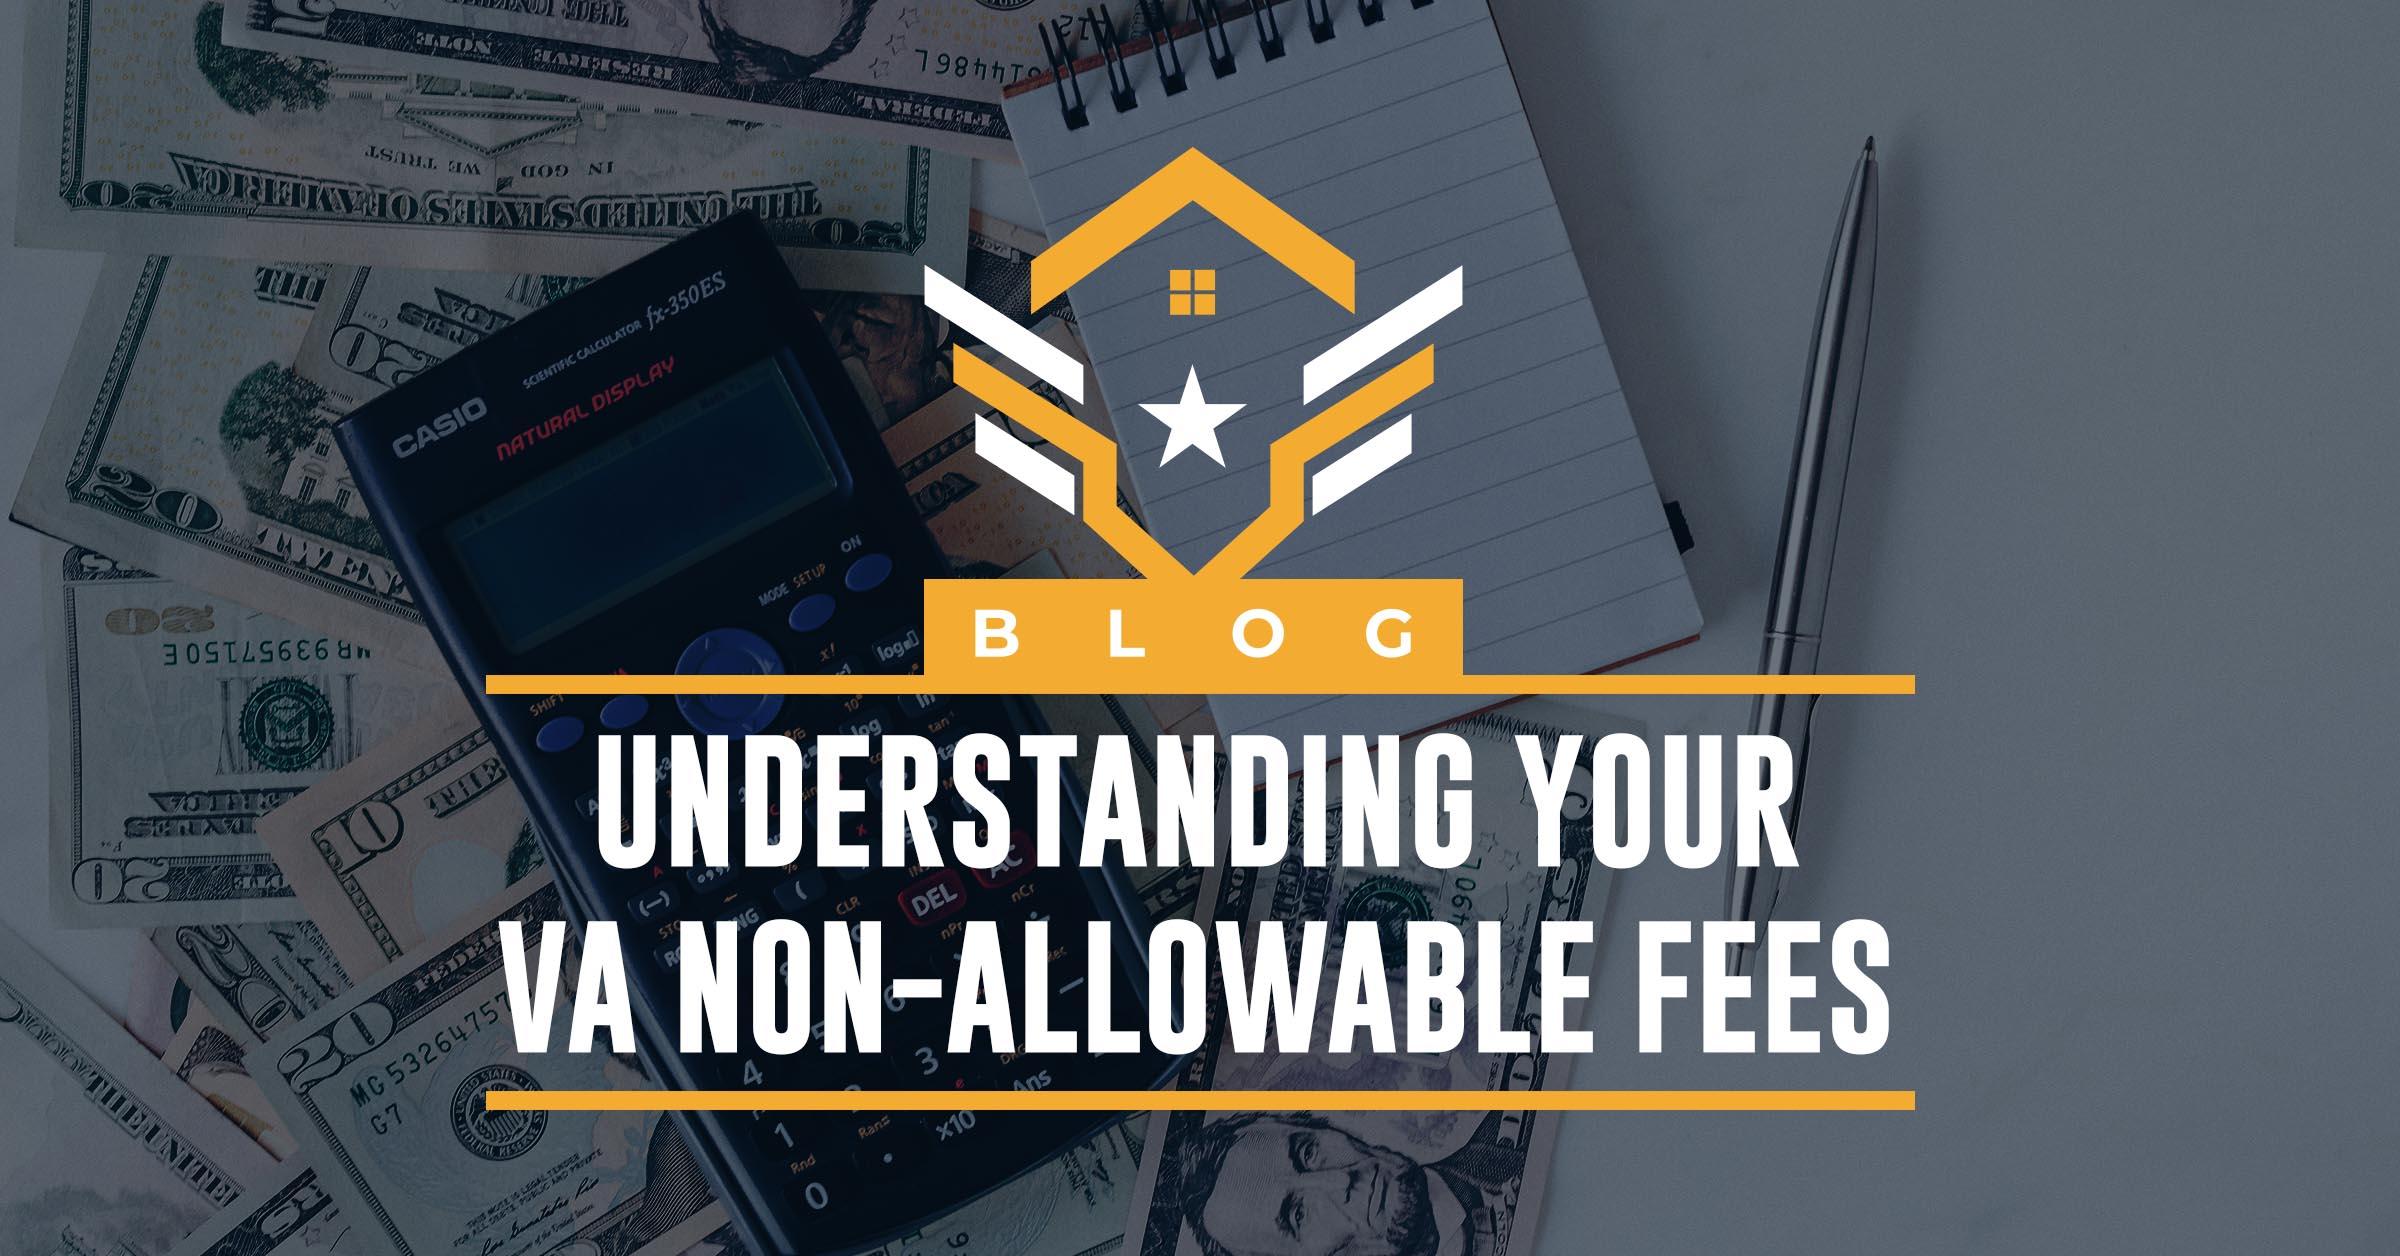 VA Non-Allowable Fees